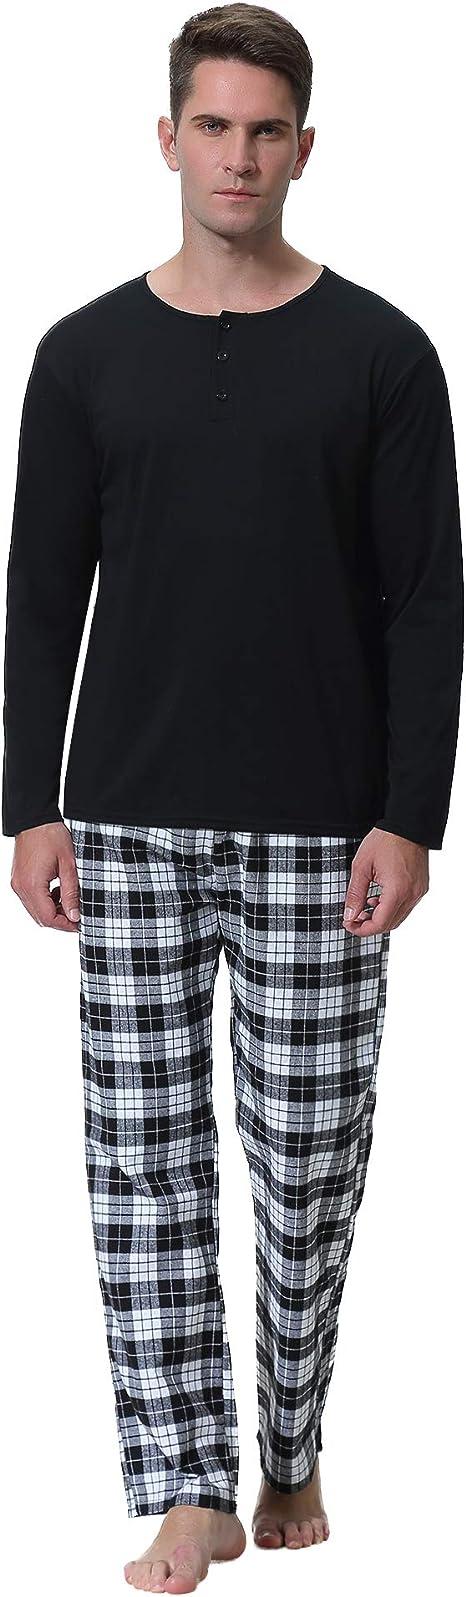 Invierno Aibrou Pijamas para Hombre Ropa de Dormir para Hombre Cl/ásico para Hombre Pijama de Cuello Redondo Ropa de Casa Larga Traje C/ómodo Y Agradable para La Piel Adecuado para Primavera